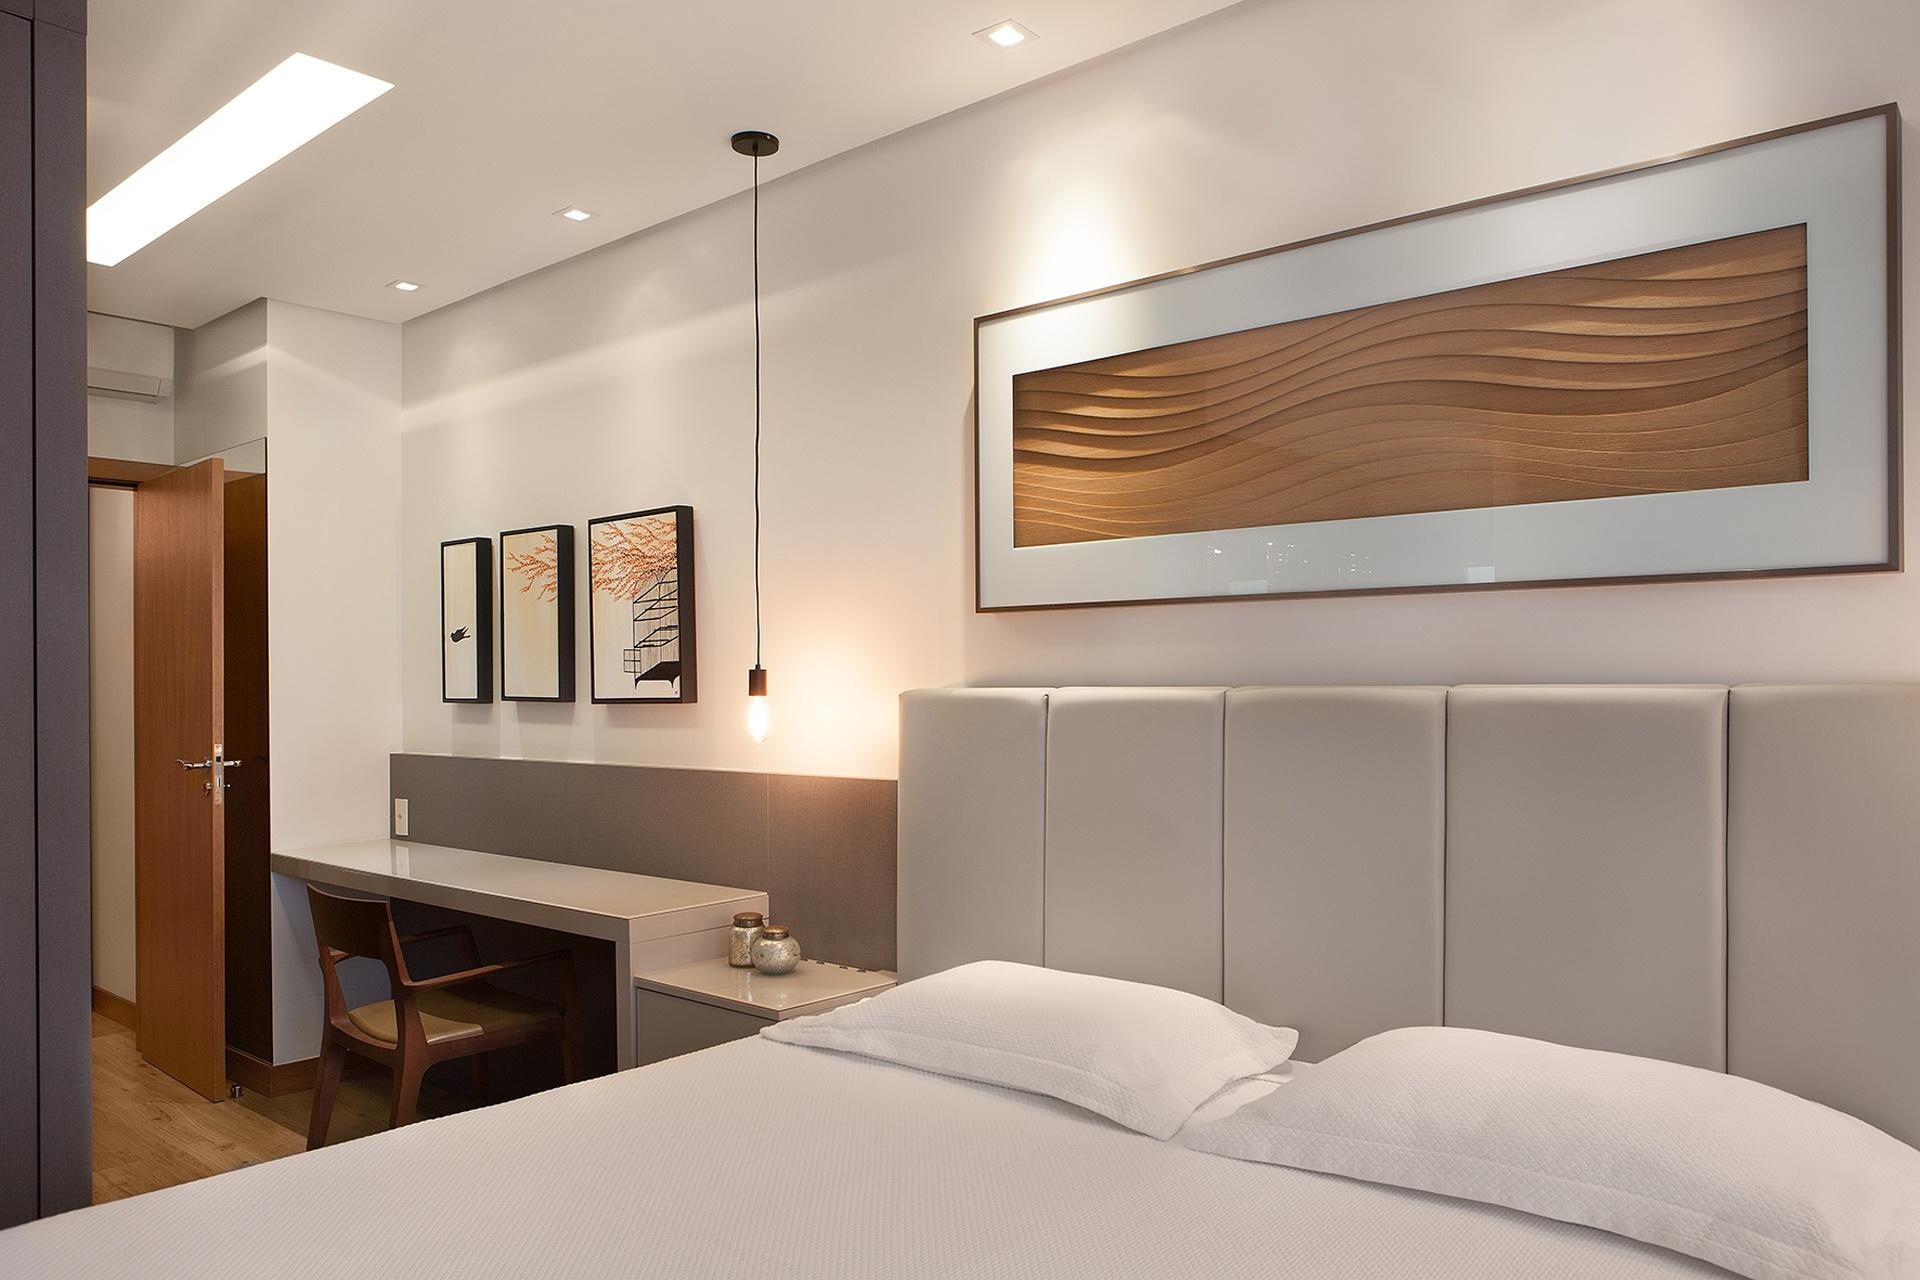 A suíte do casal do Apartamento em Floripa (SC) também foi resolvida com marcenaria. Em tom de cinza e laqueada, integra cama com cabeceira estofada, criado-mudo e escrivaninha. Aqui, o projeto do Pimont Arquitetura recorreu ao forro para acoplar a iluminação